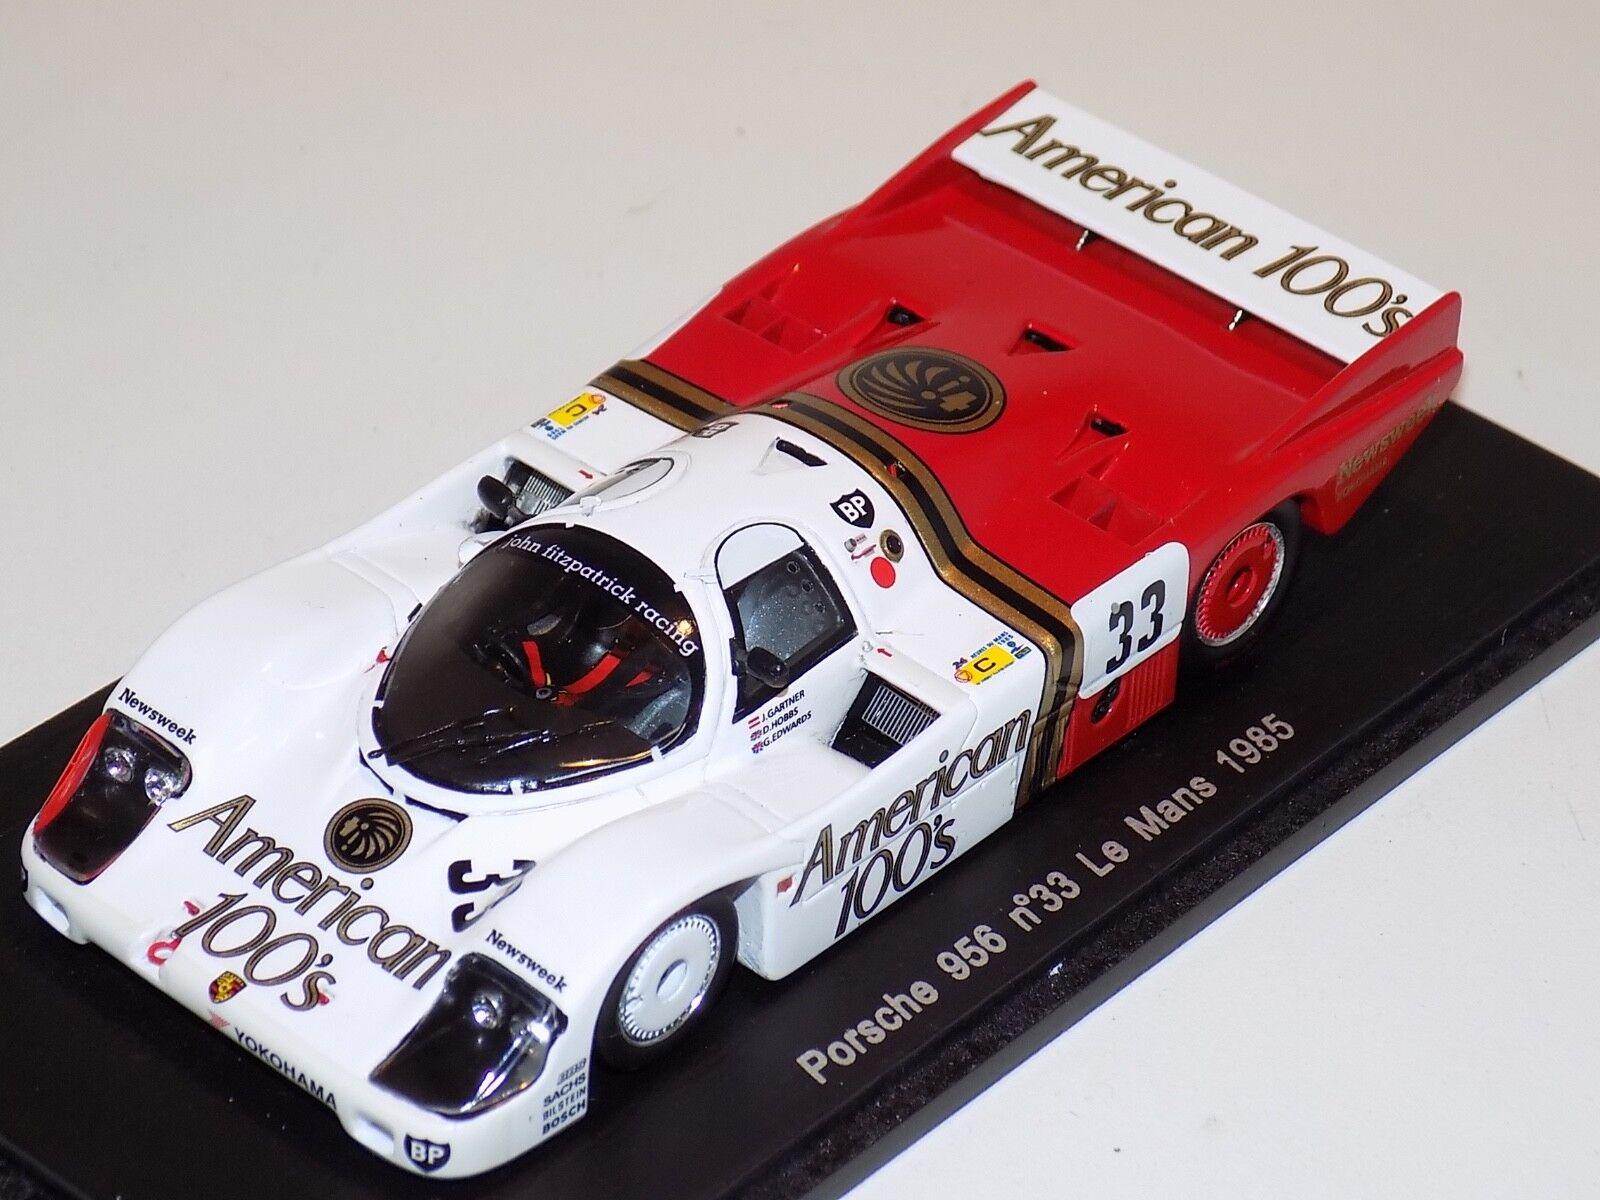 moda clasica 1 43 43 43 Spark Porsche 956 coche  33 1985 24 horas de LeMans S3490 con calcomanías  Web oficial